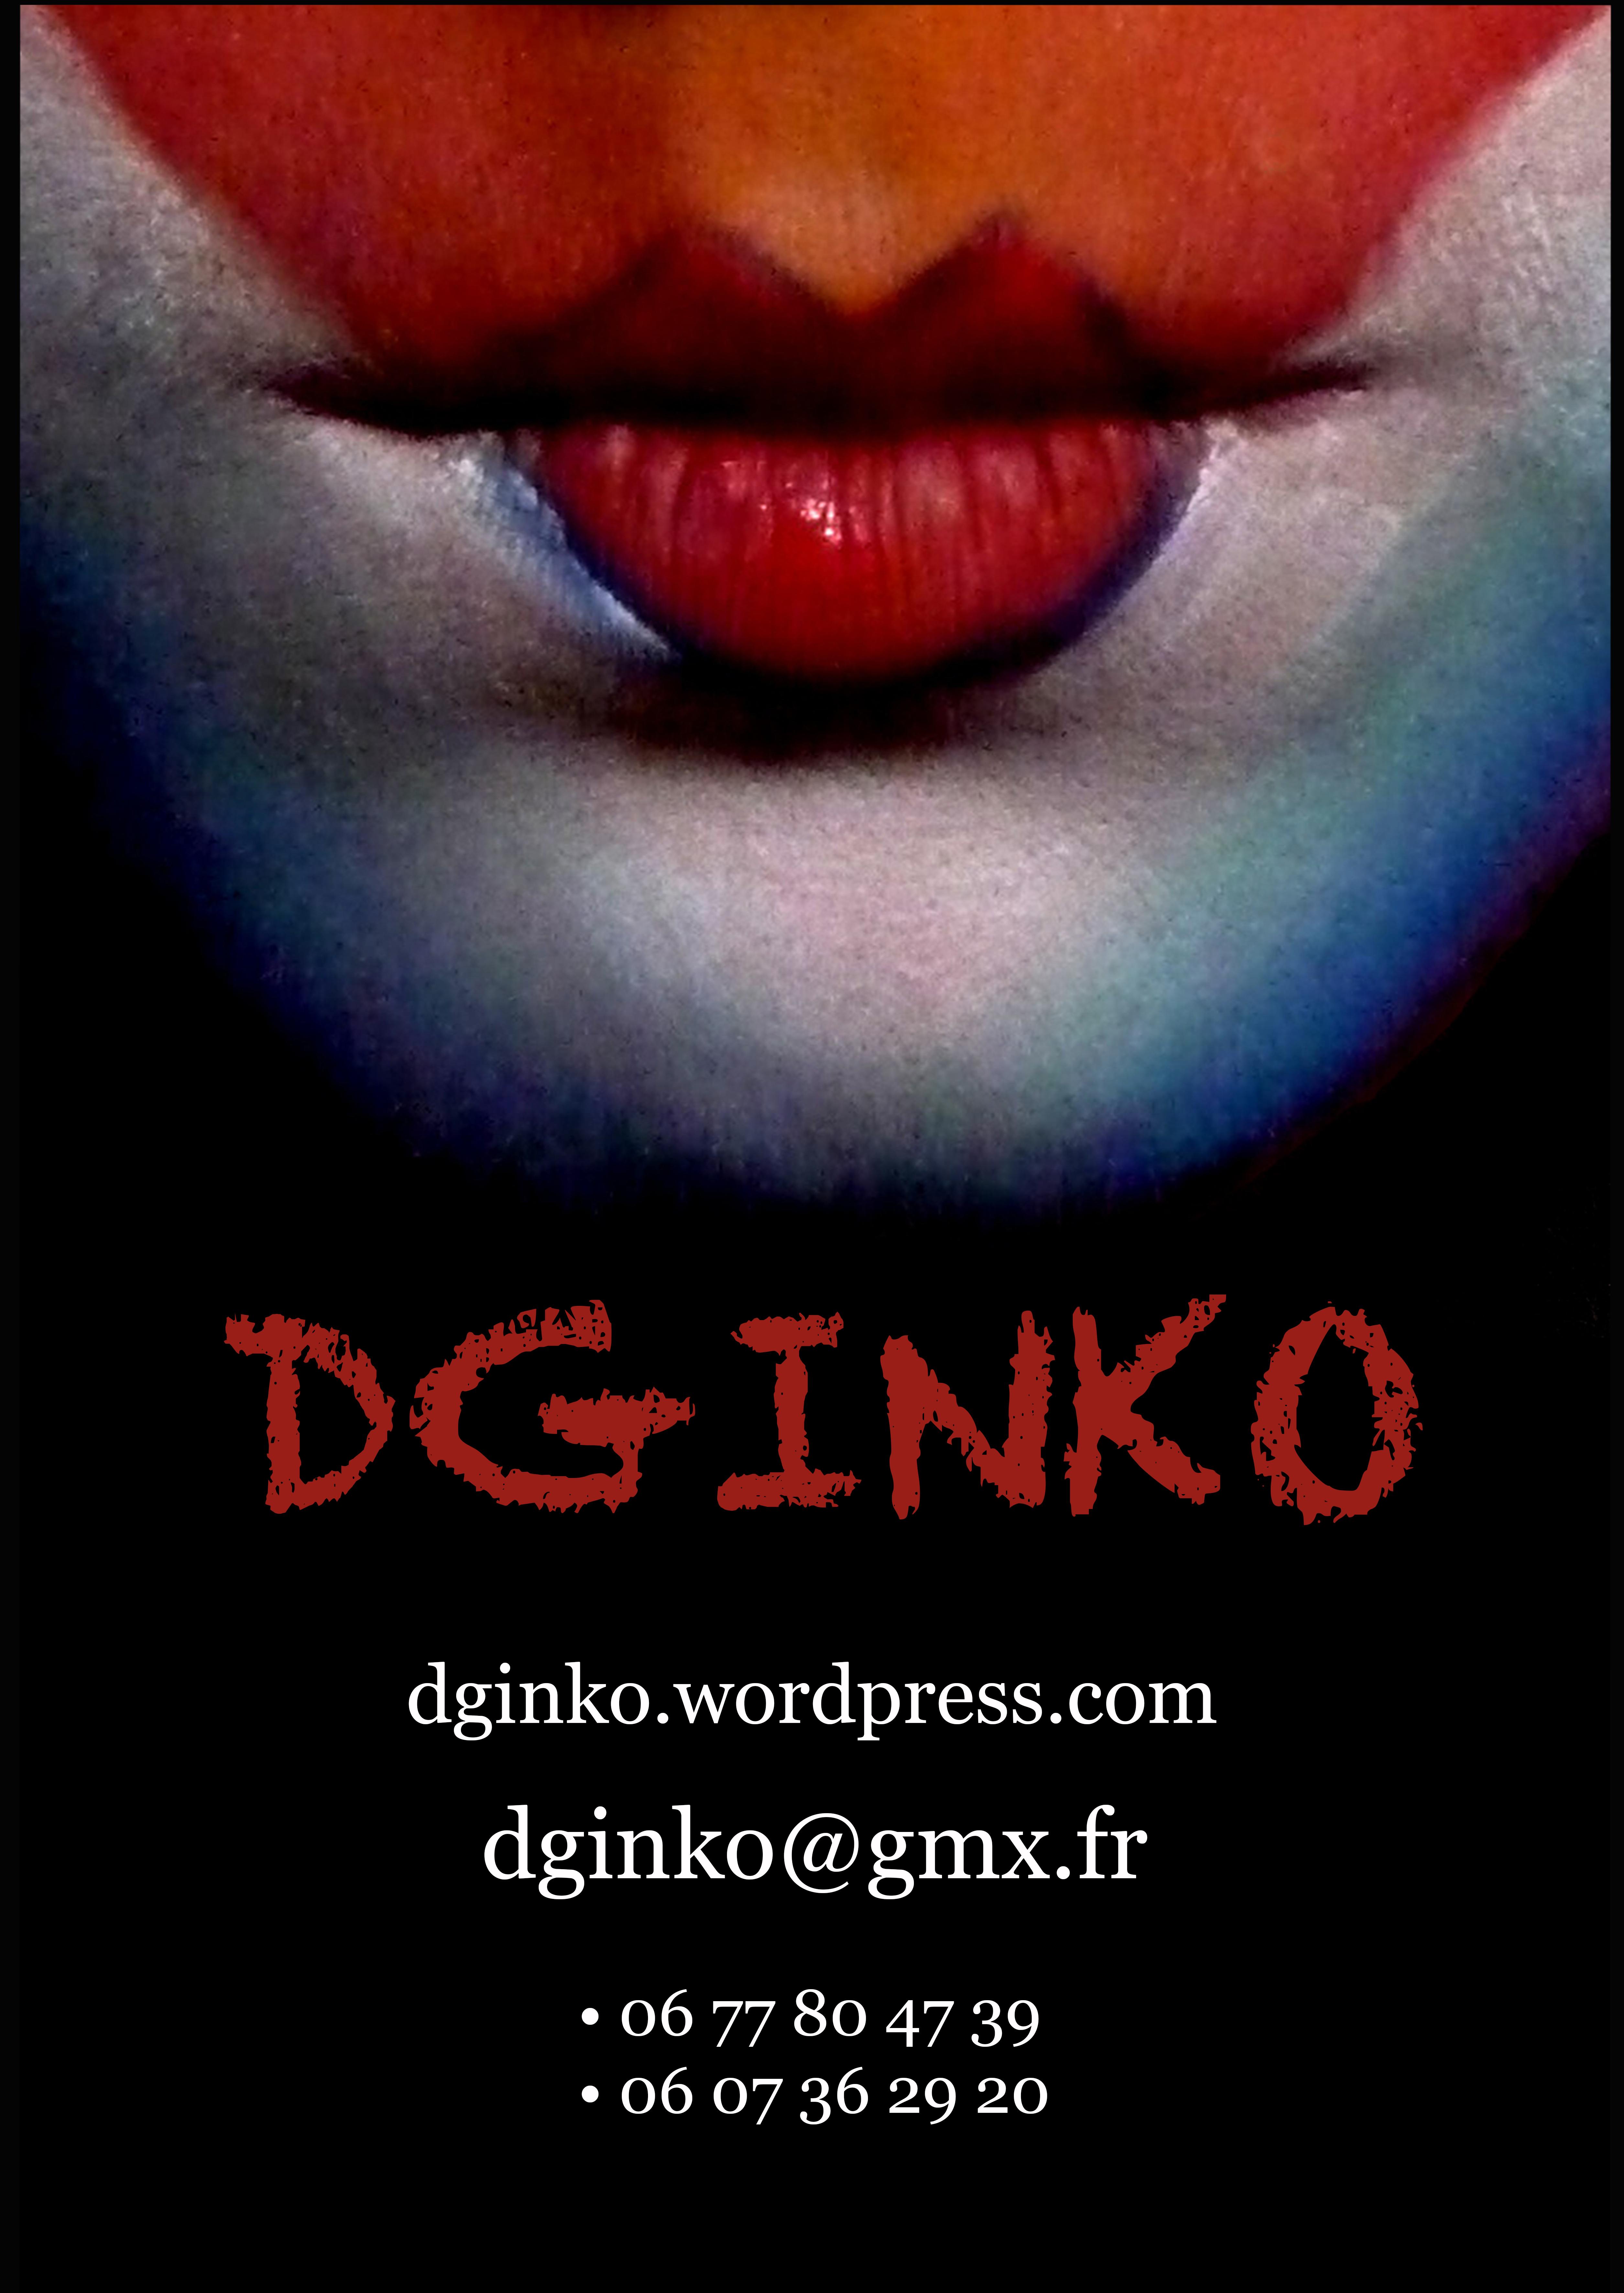 Affiche Dginko test 01